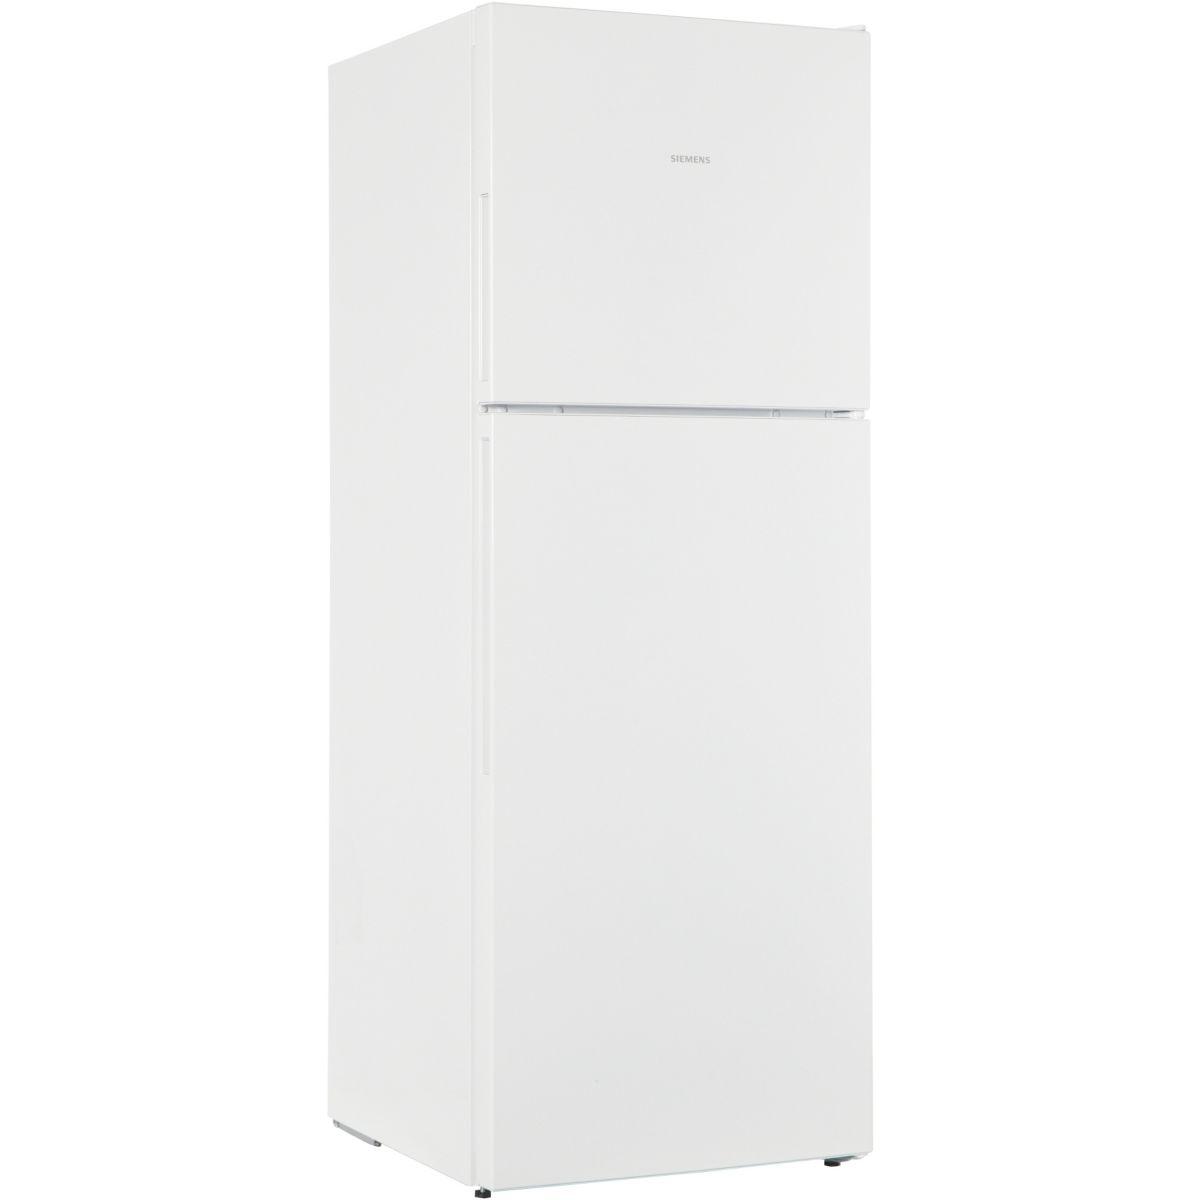 Réfrigérateur congélateur en haut SIEMENS KD29VVW30 (photo)